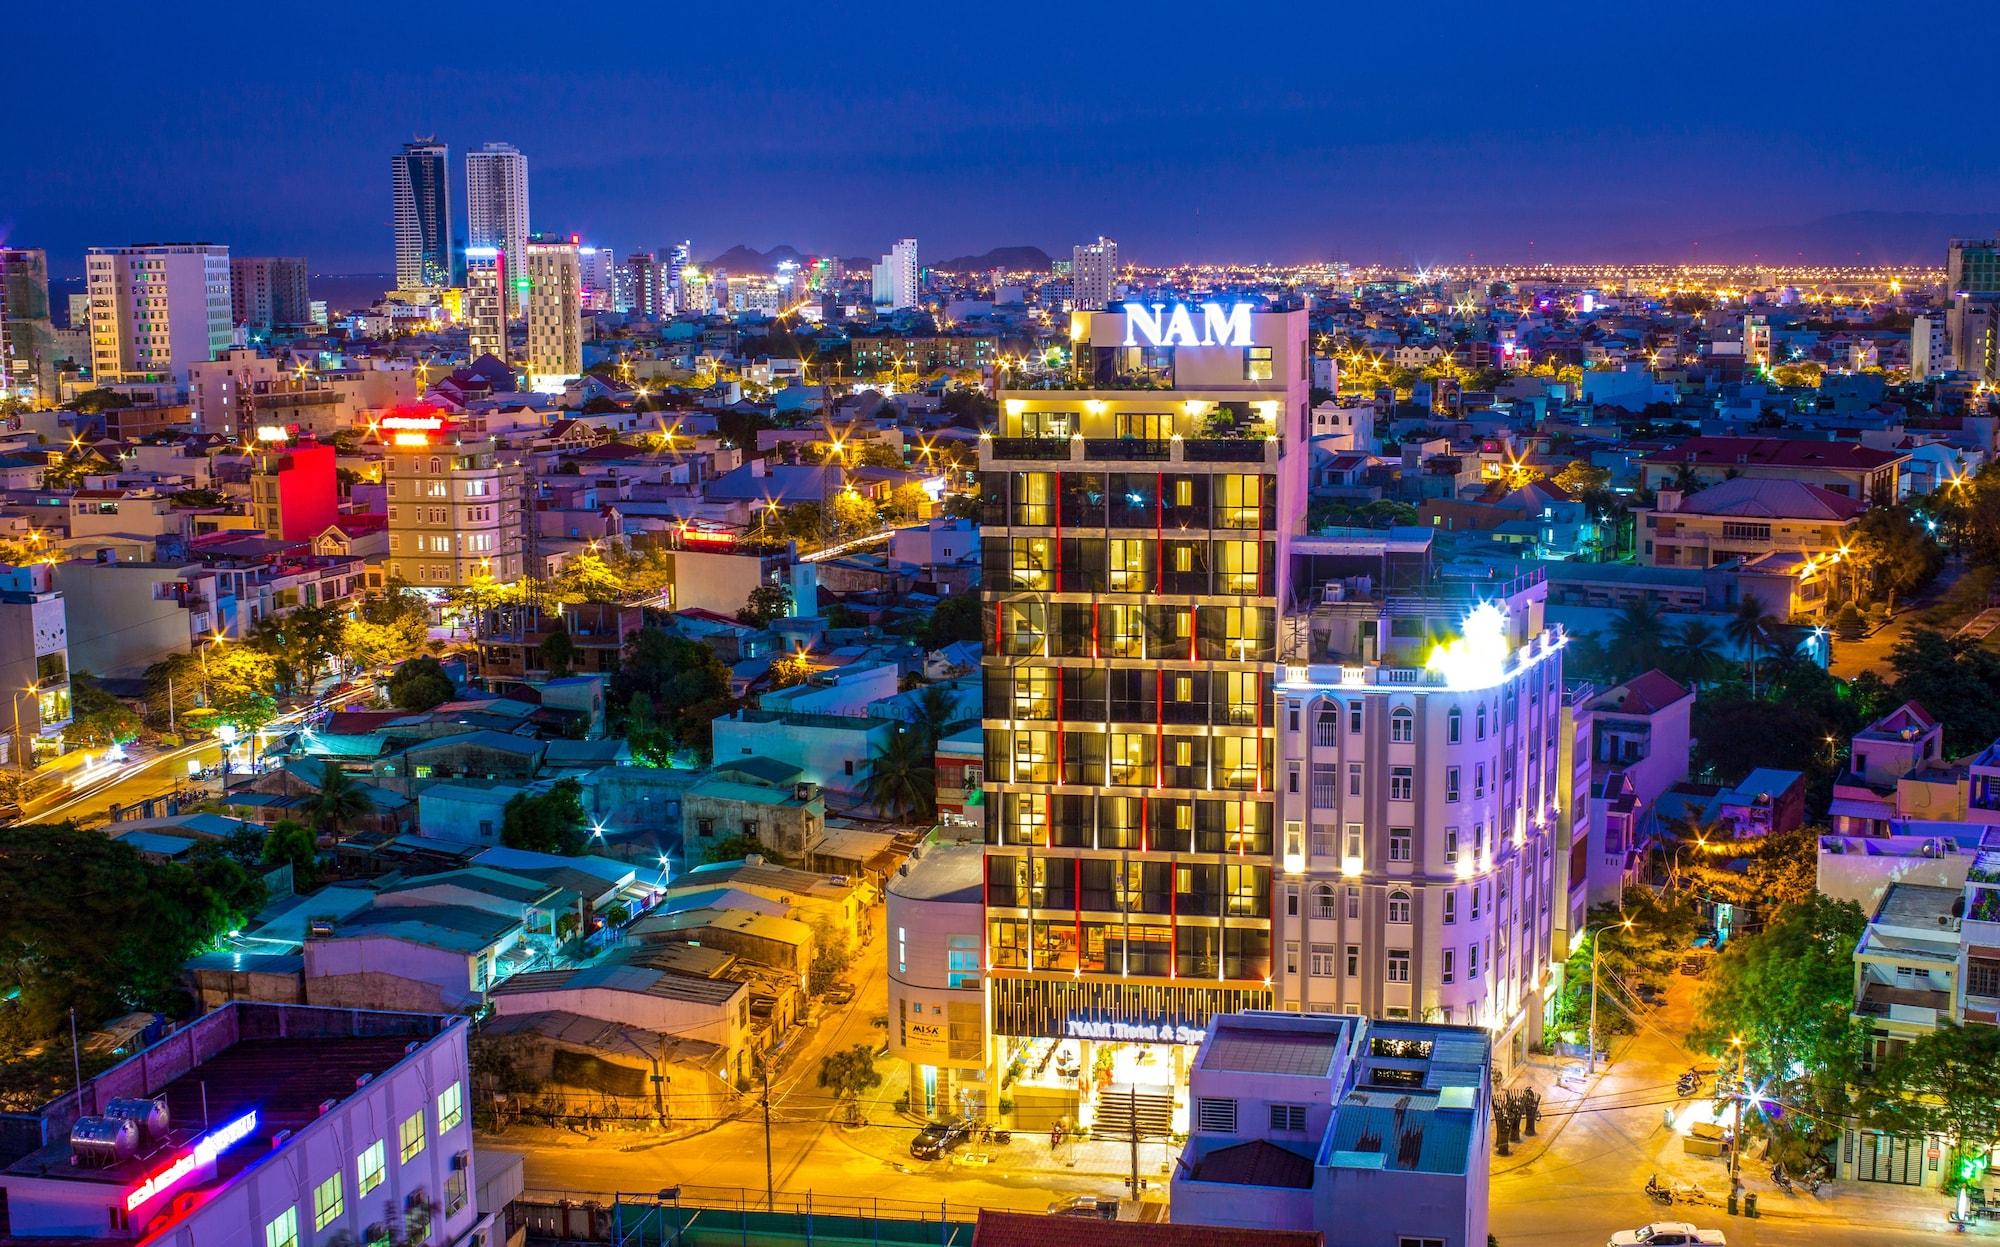 Nam Hotel & Spa, Sơn Trà